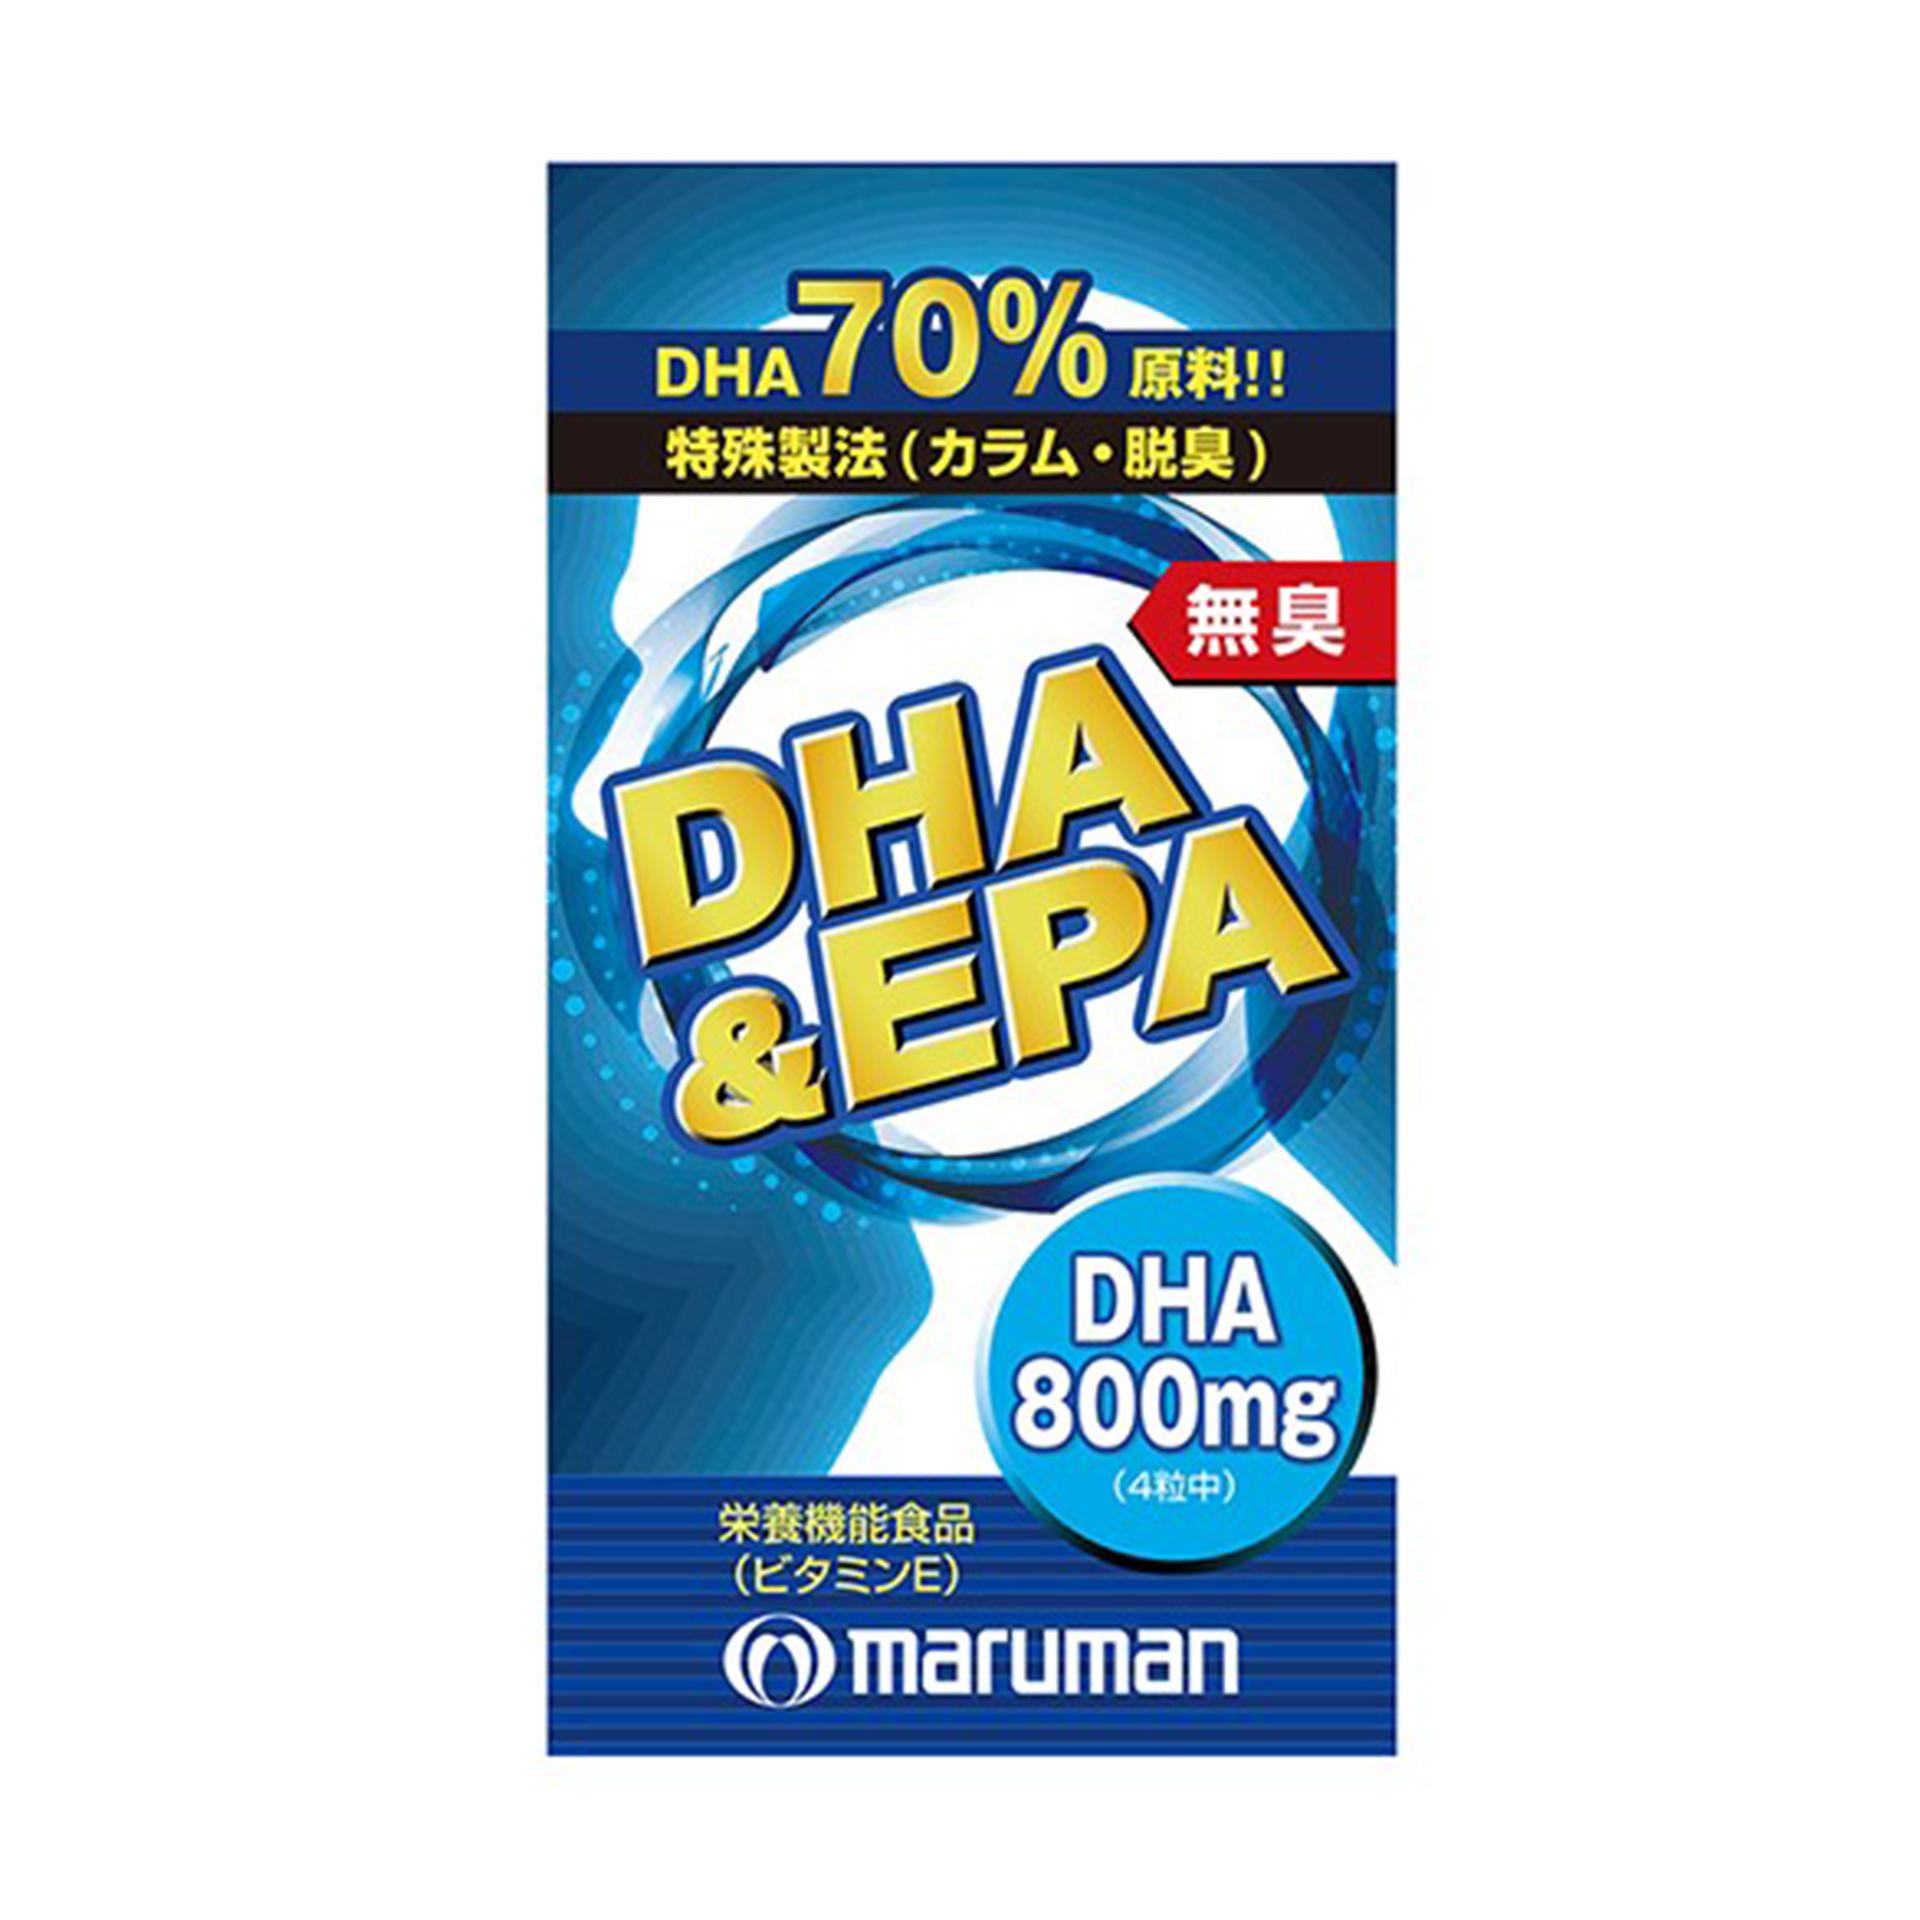 【無臭 DHA&EPA】 特殊製法で魚臭くない!